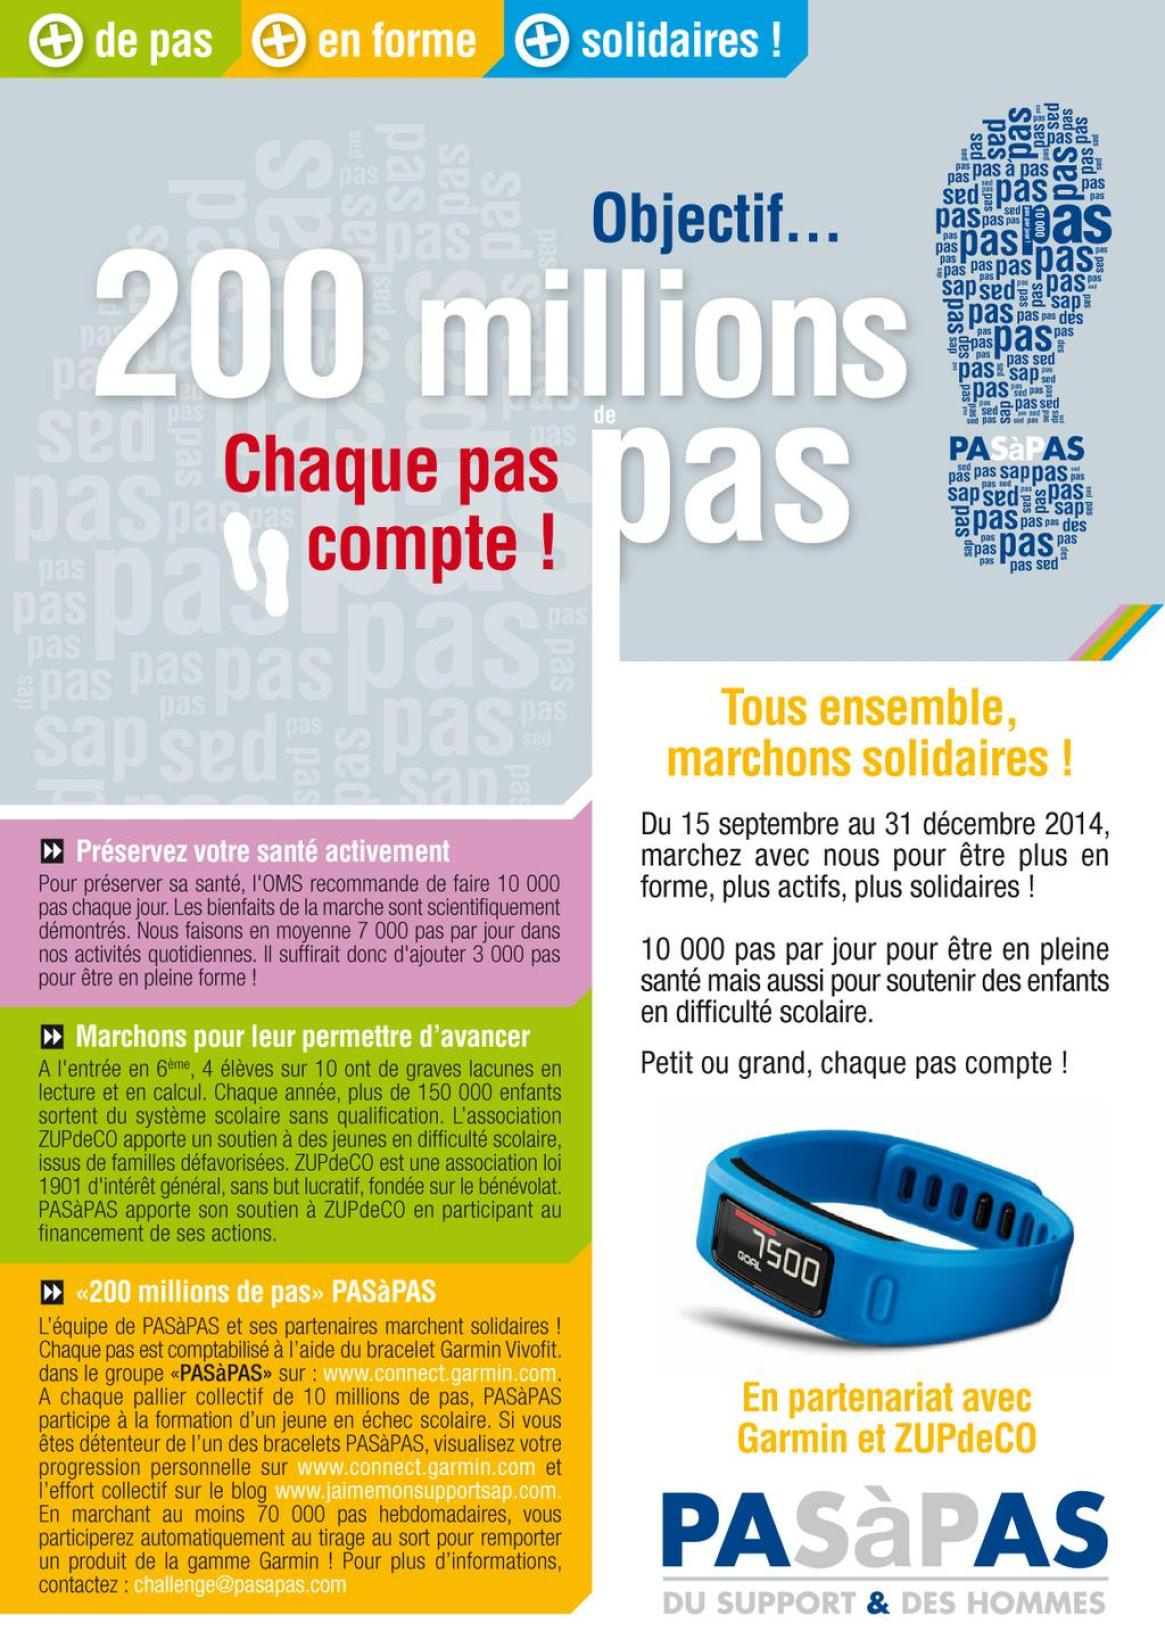 Challenge 200 millions de pas